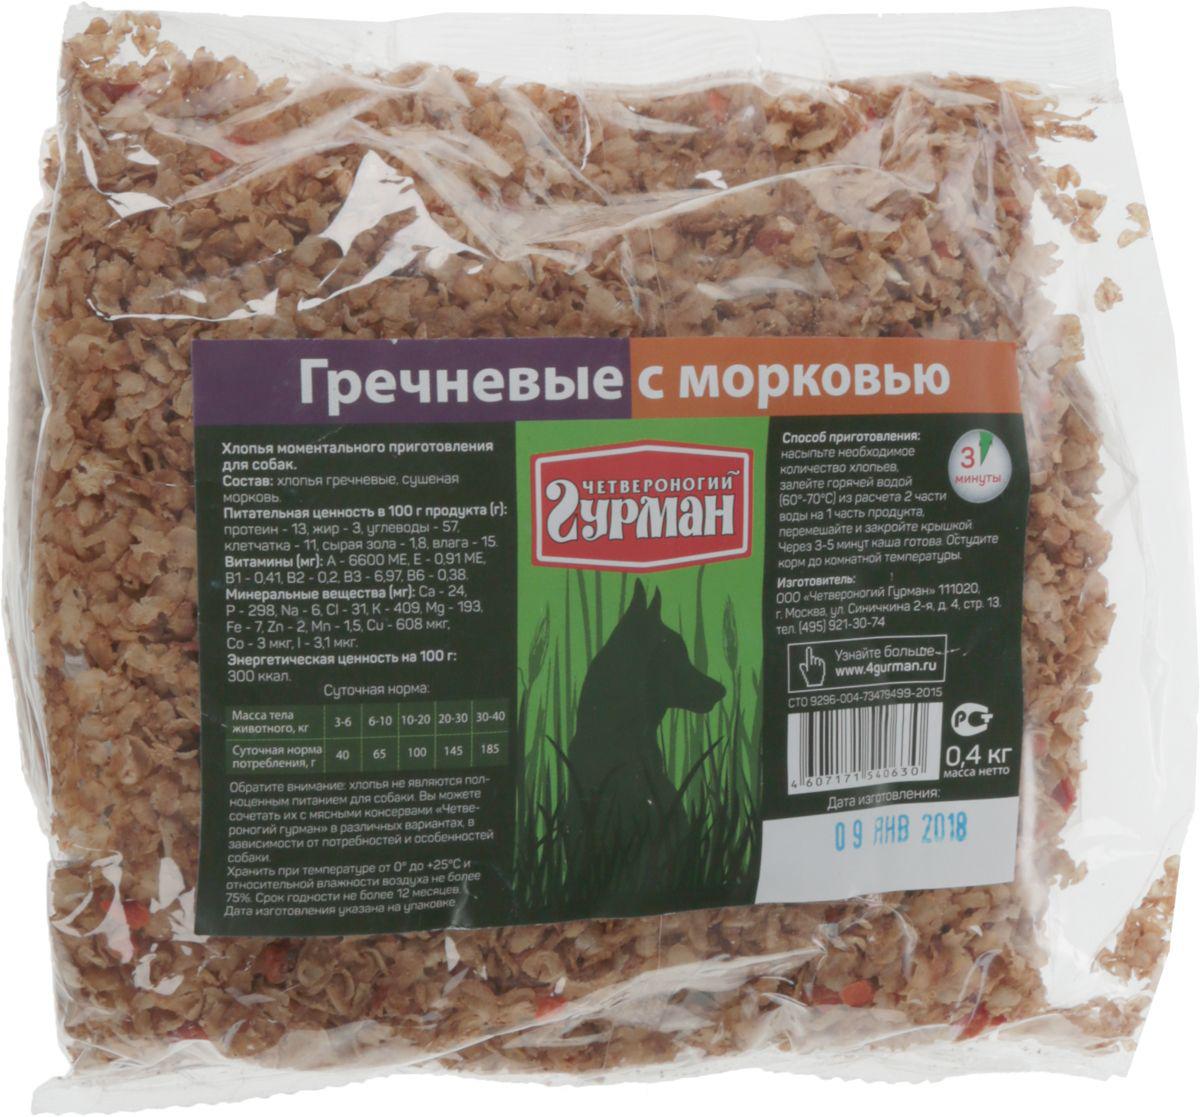 Каша для собак Четвероногий Гурман Гречка, с морковью, 0,4кг фото